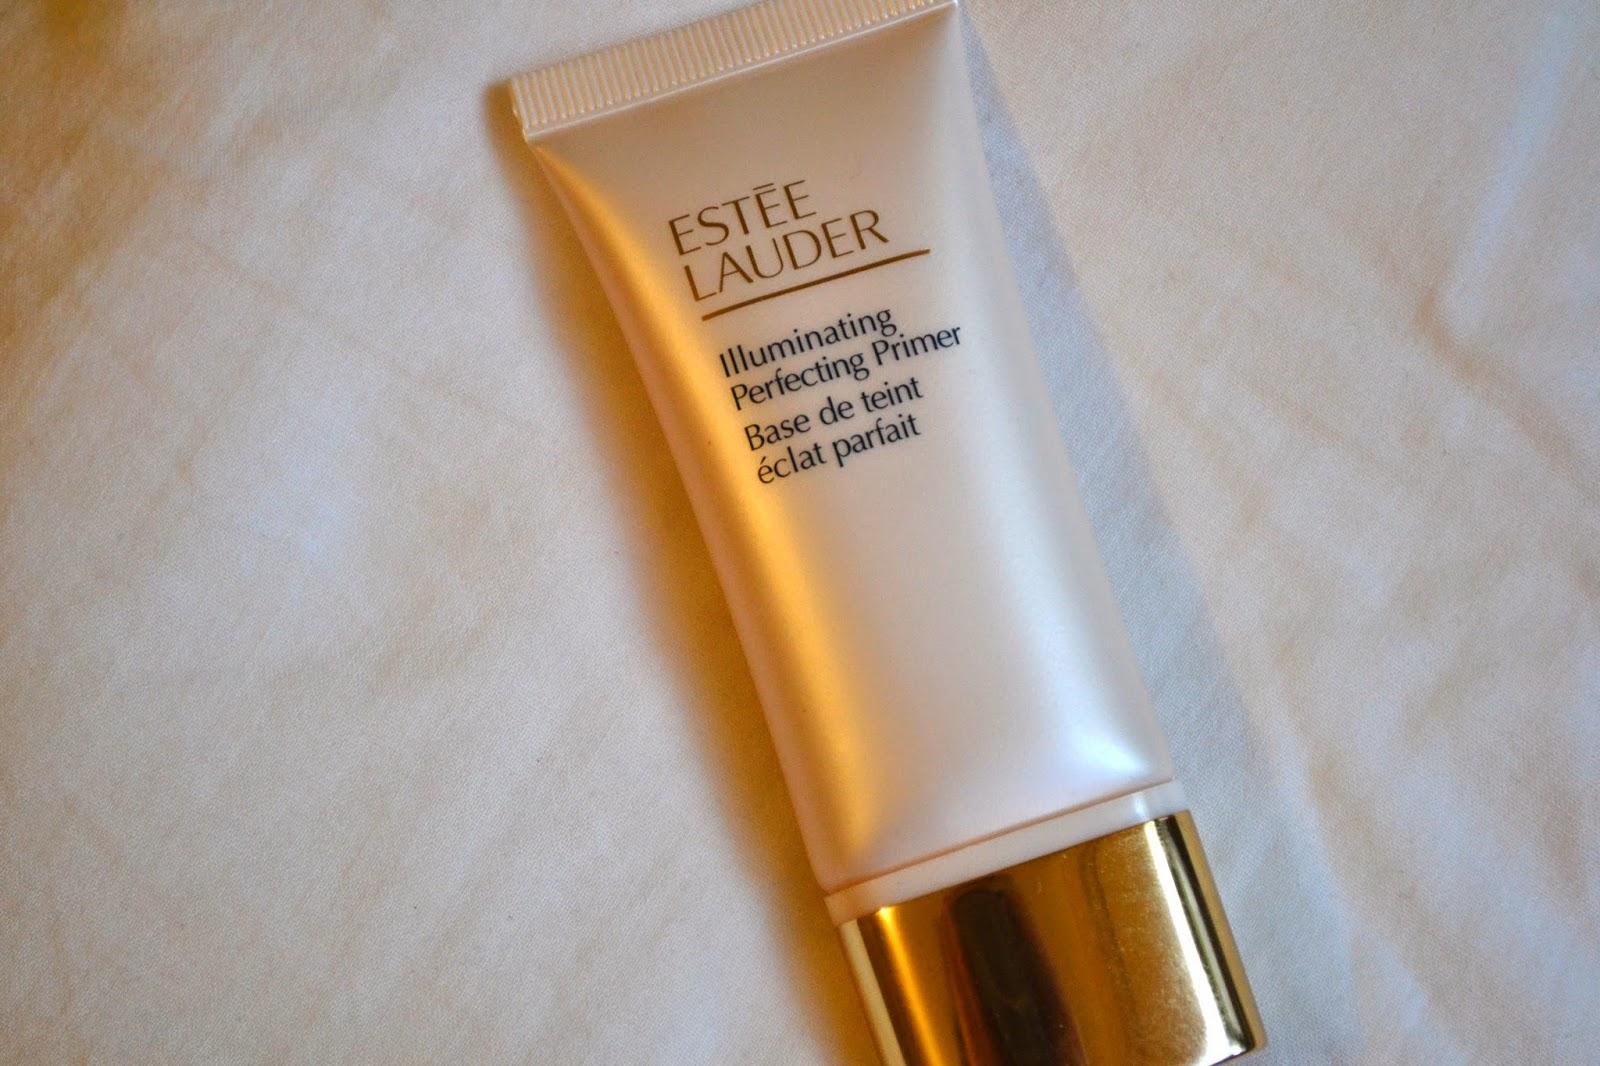 Estee lauder база под макияж с эффектом сияния primers